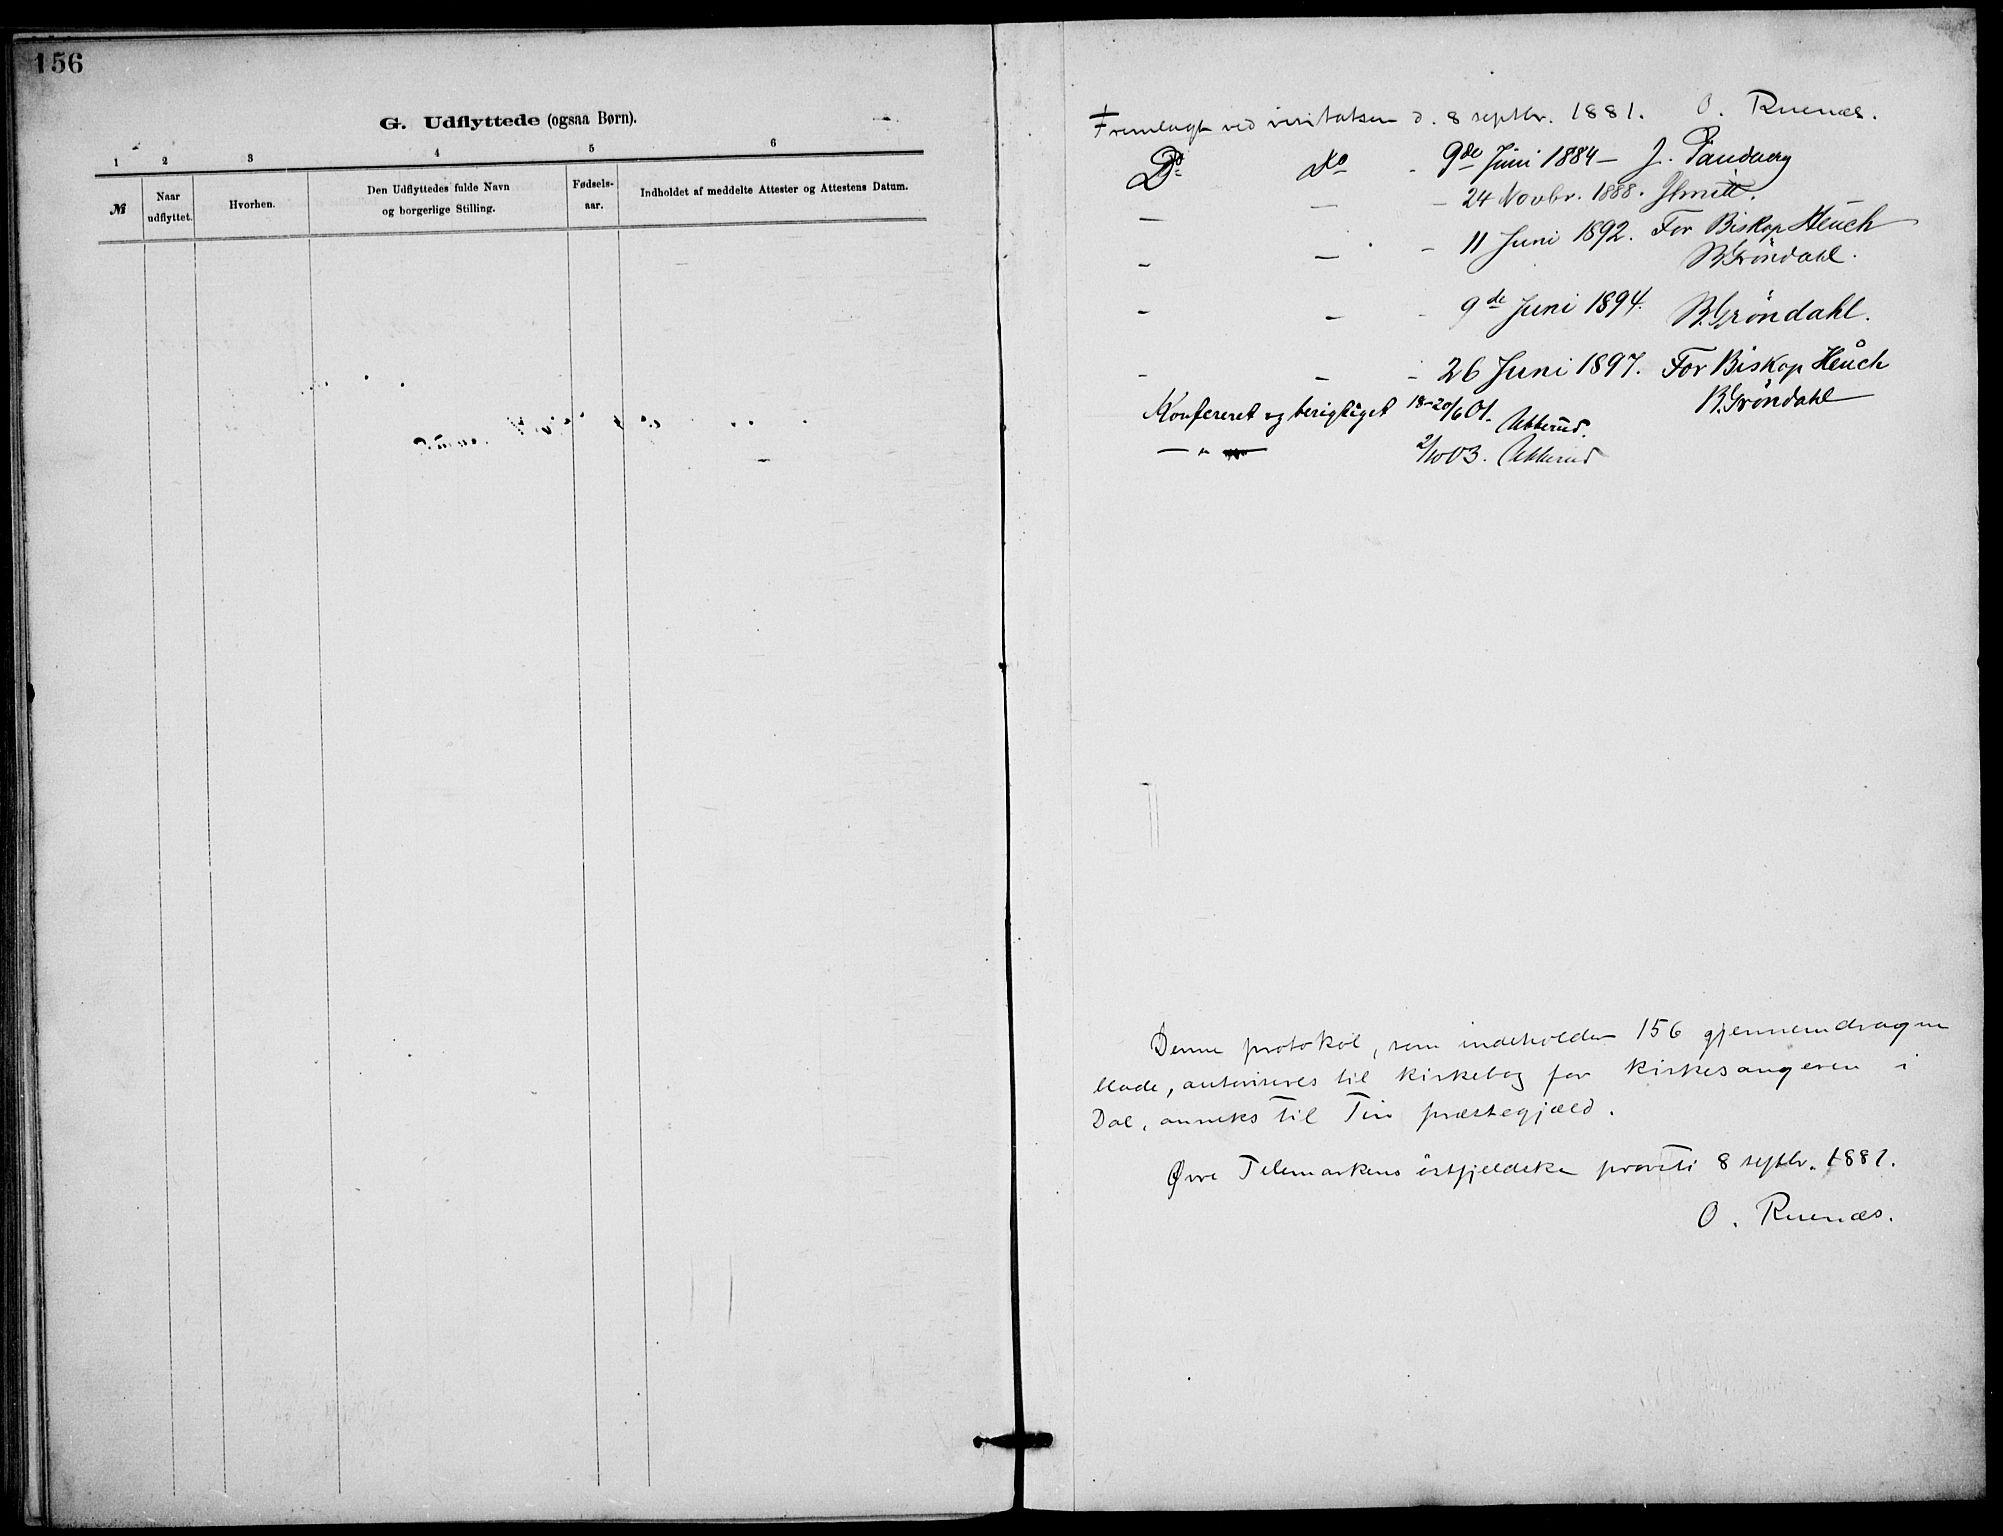 SAKO, Rjukan kirkebøker, G/Ga/L0001: Klokkerbok nr. 1, 1880-1914, s. 156